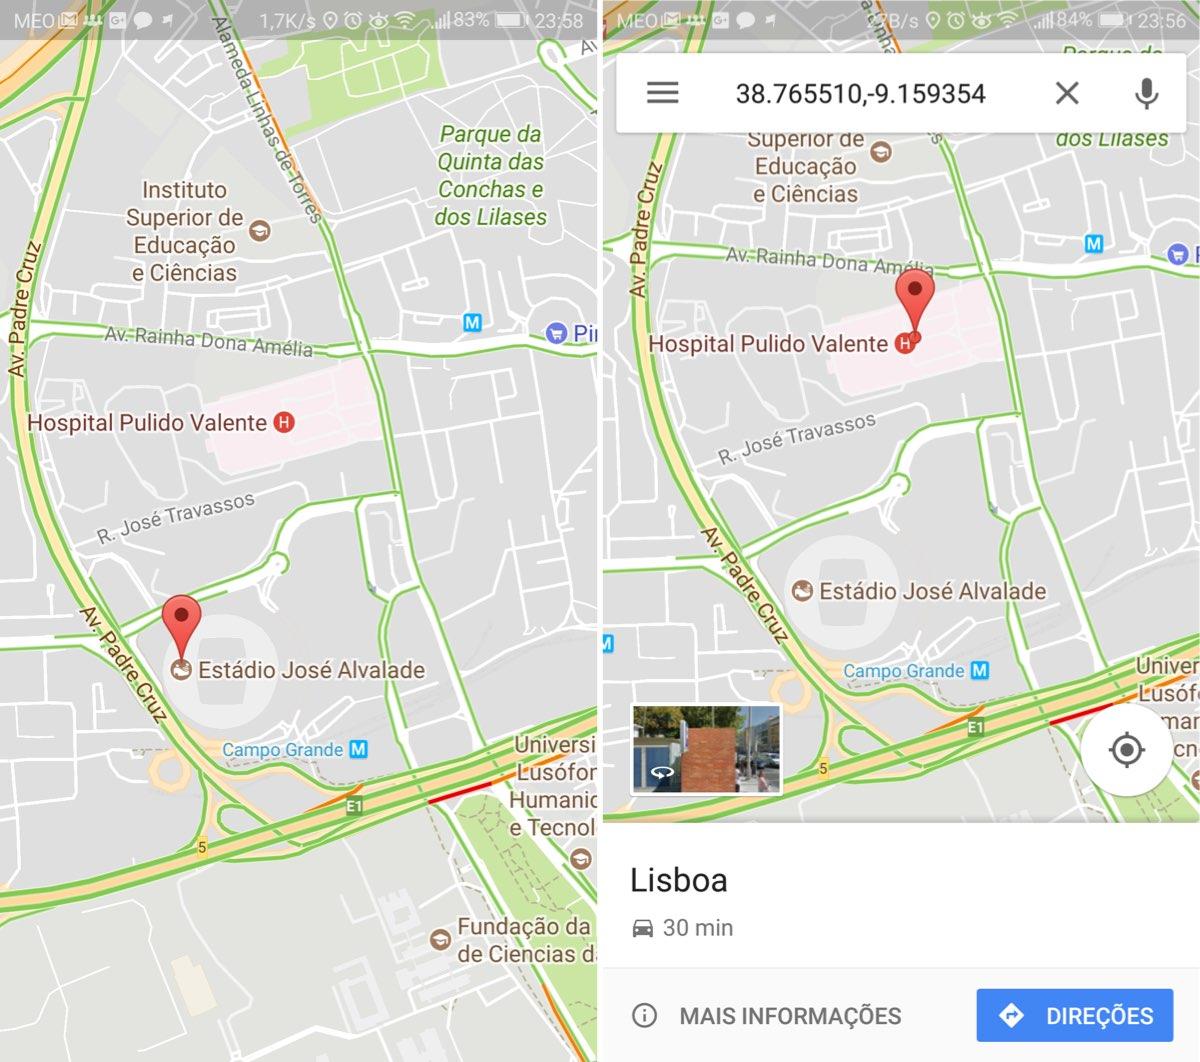 aprenda a medir dist ncias no google maps do android pplware. Black Bedroom Furniture Sets. Home Design Ideas